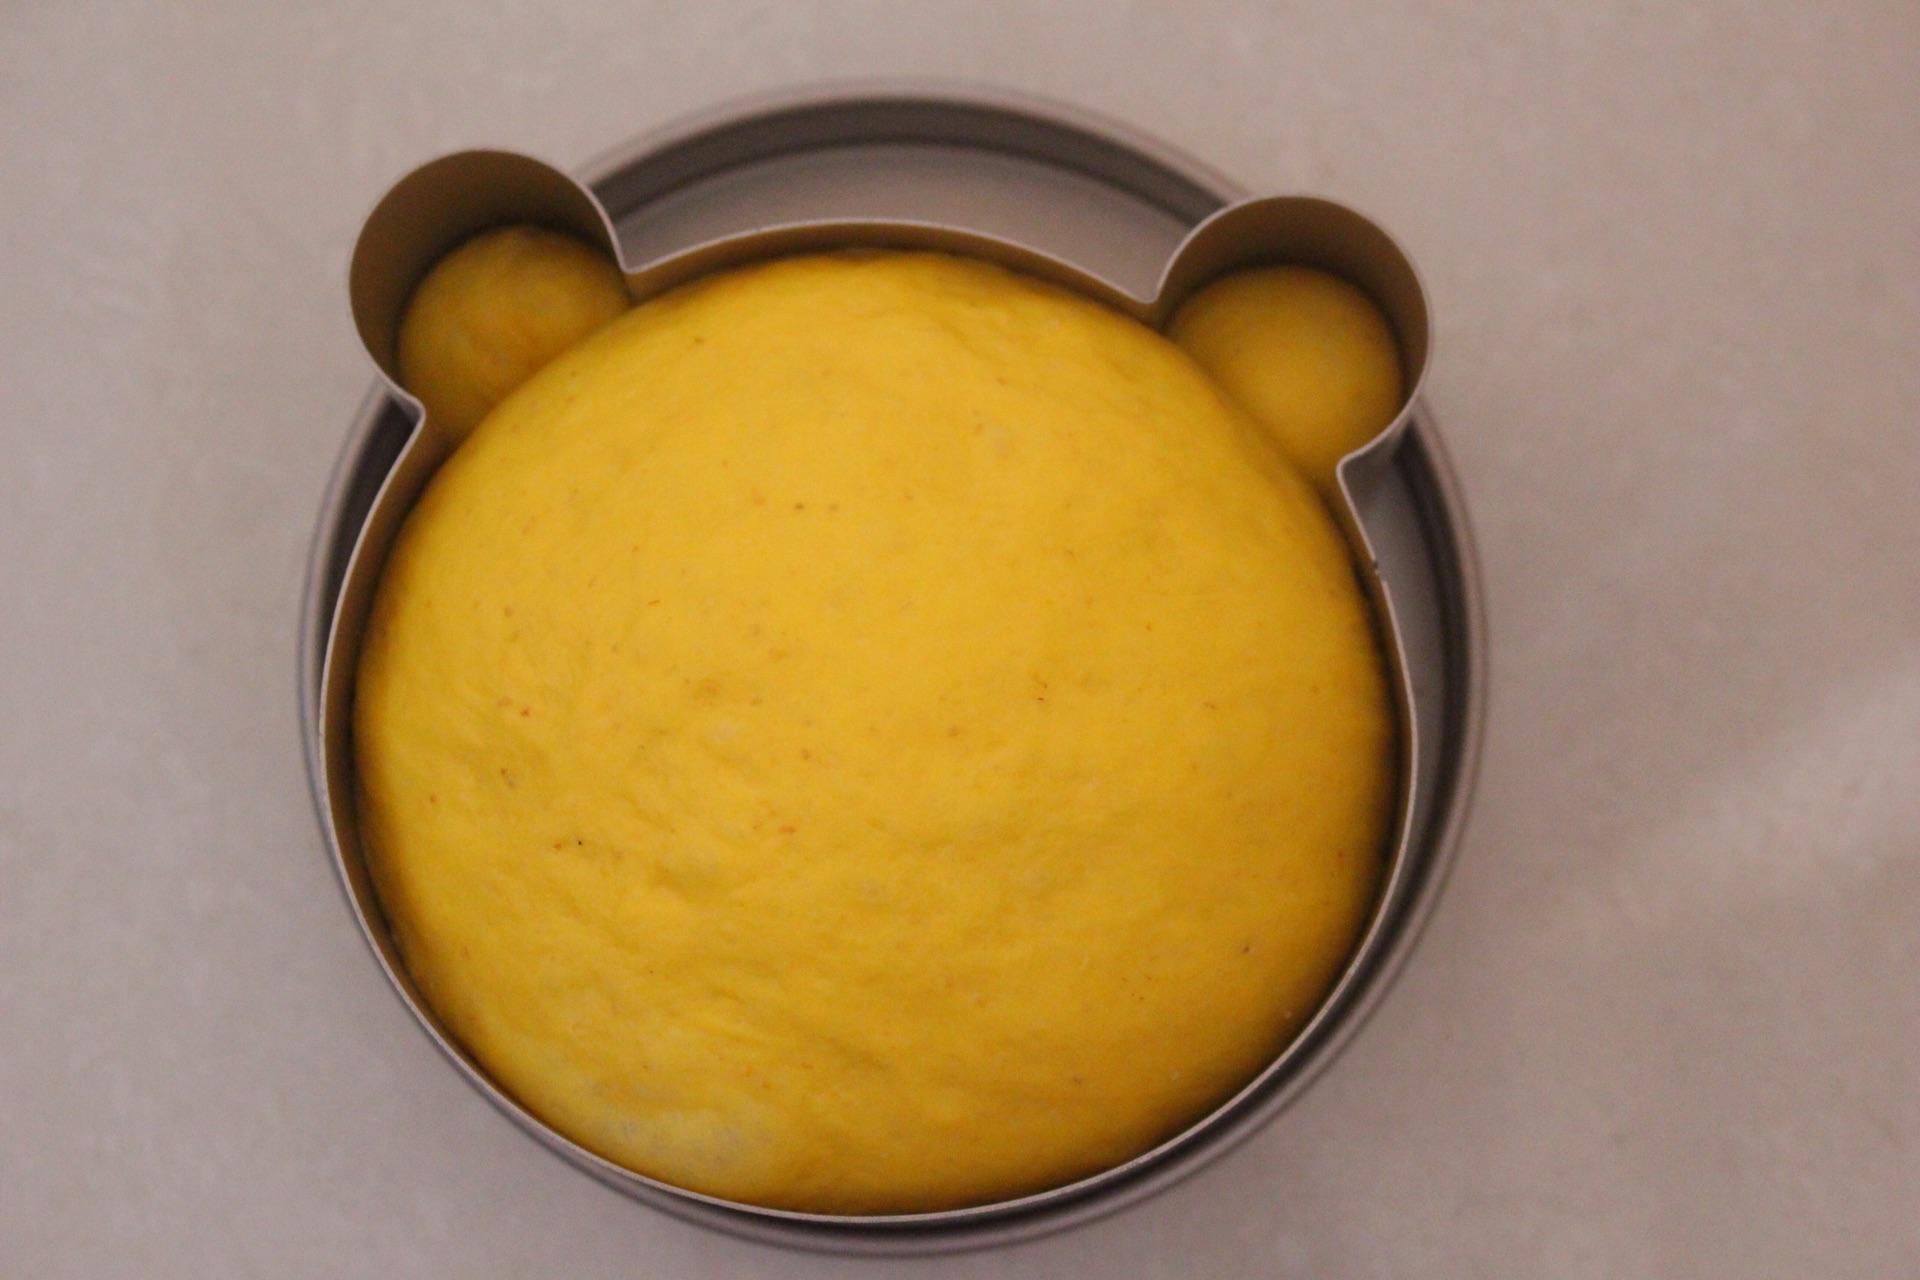 南瓜小熊吐司#跨界烤箱 探索味来#的做法图解9